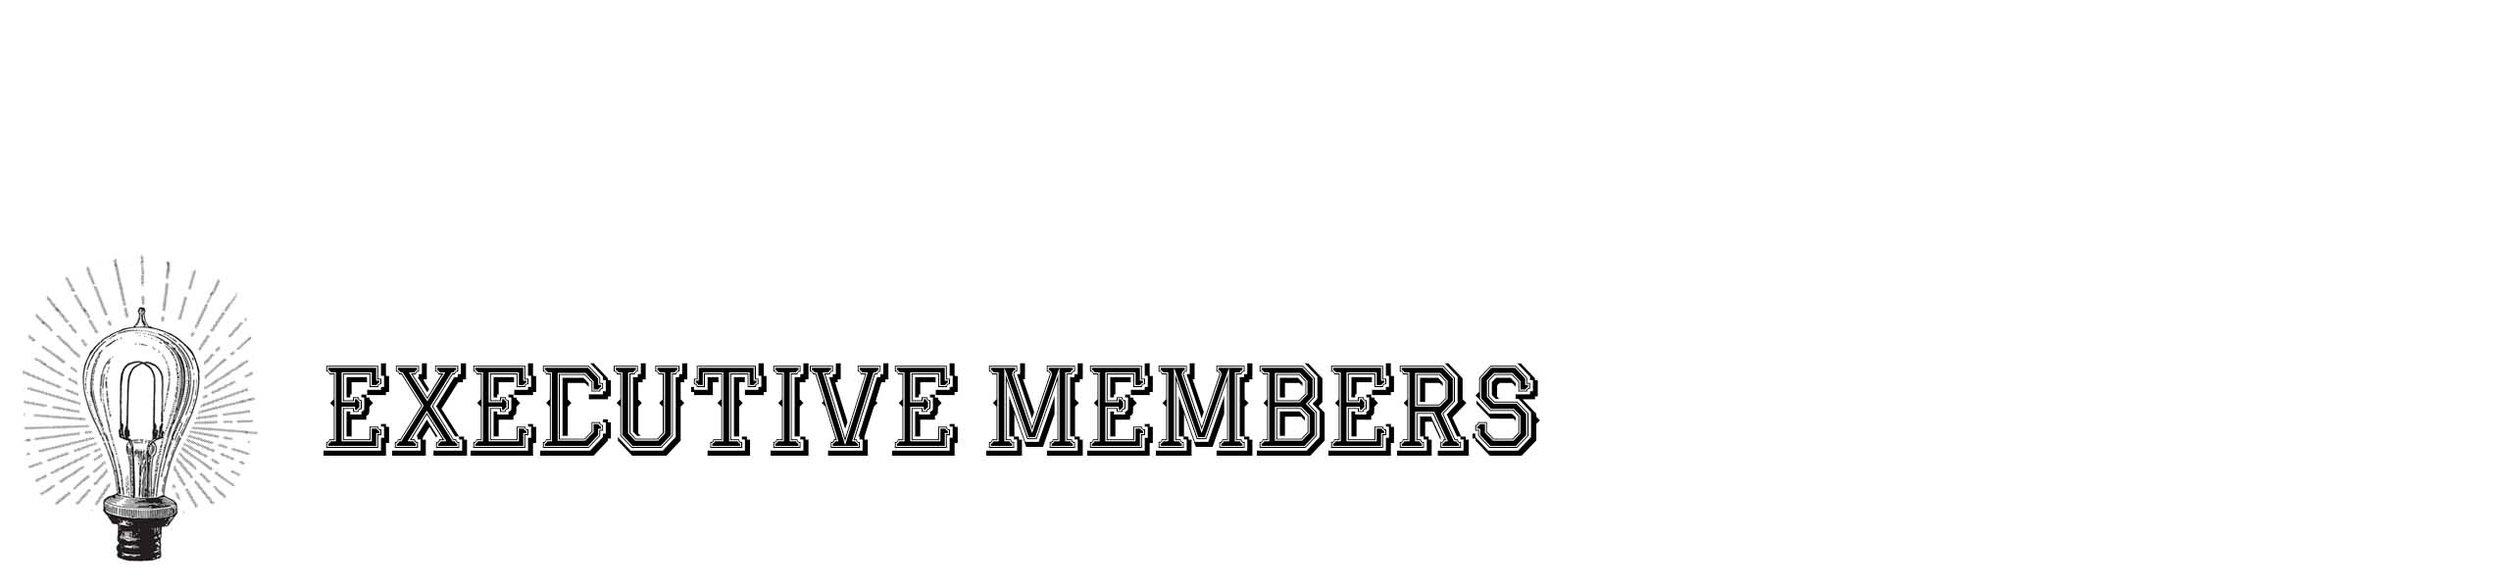 Executive Members in Jackrunner.jpg